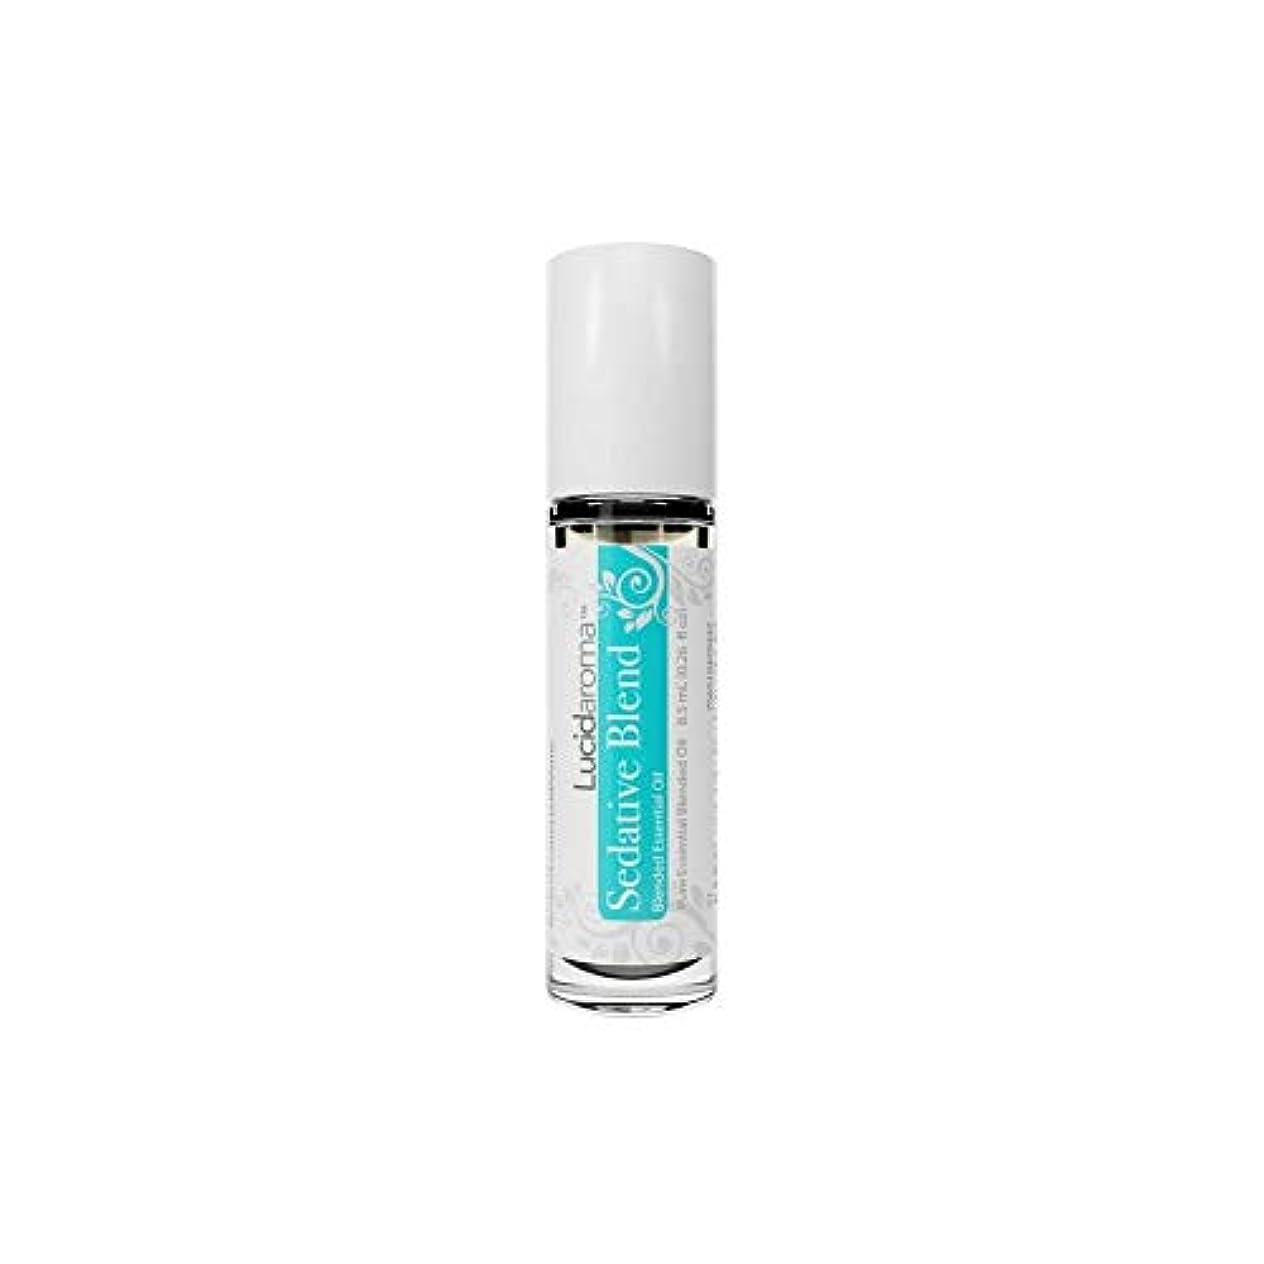 浸したみ昇るLucid Aroma Sedative Blend セダティヴ ブレンド ロールオン アロマオイル 8.5mL (塗るアロマ) 100%天然 携帯便利 ピュア エッセンシャル アメリカ製